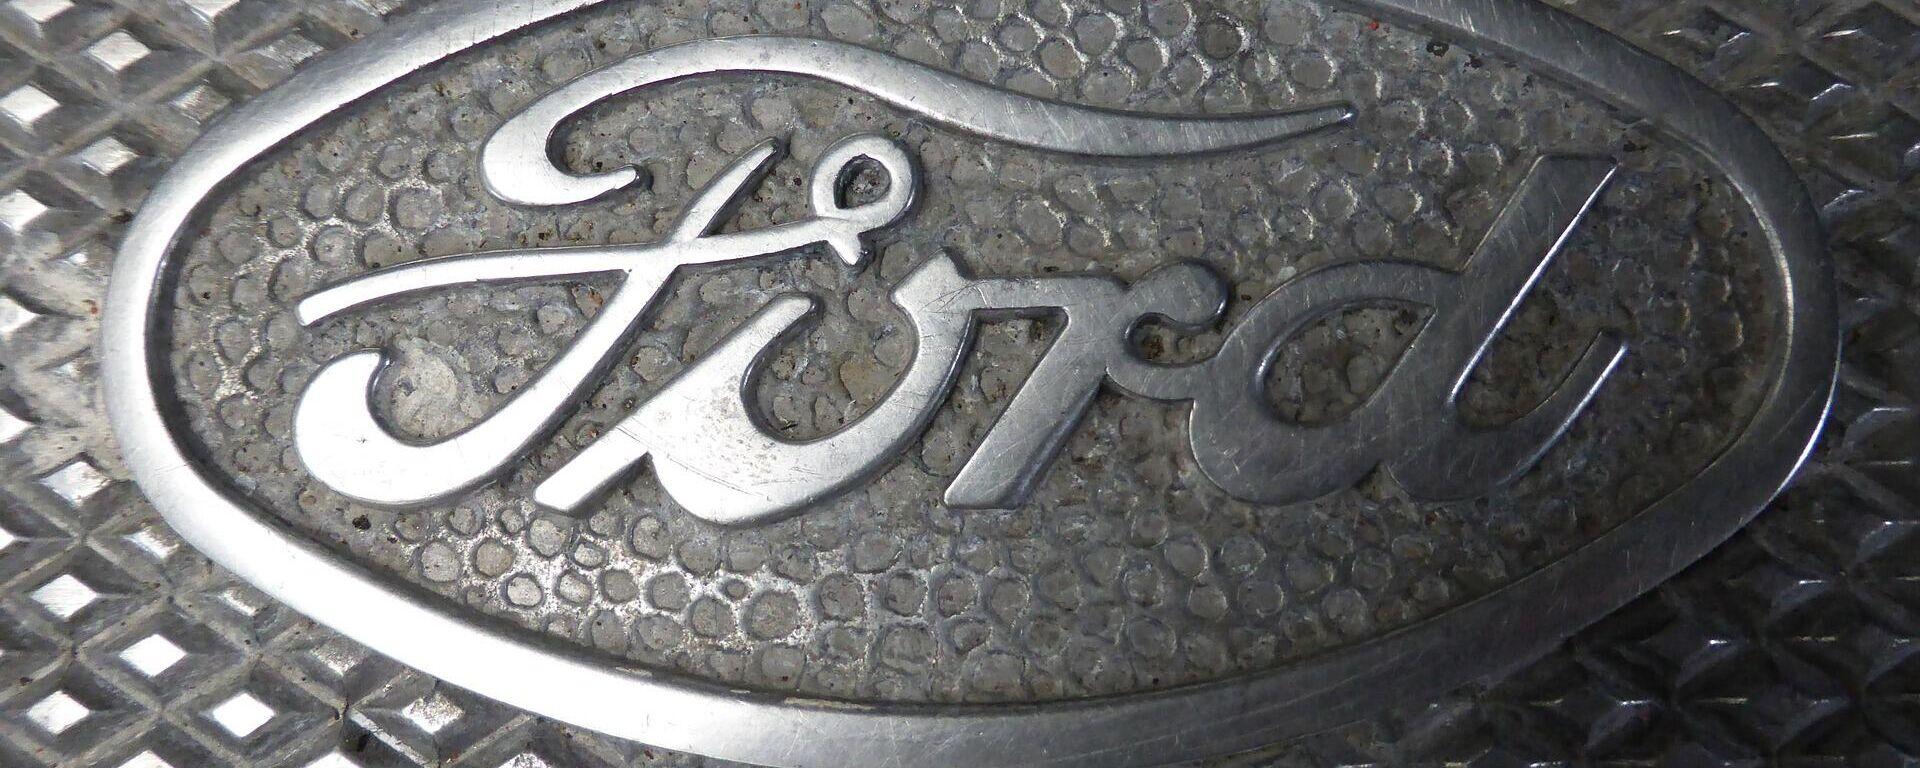 Logo de Ford - Sputnik Mundo, 1920, 11.05.2021